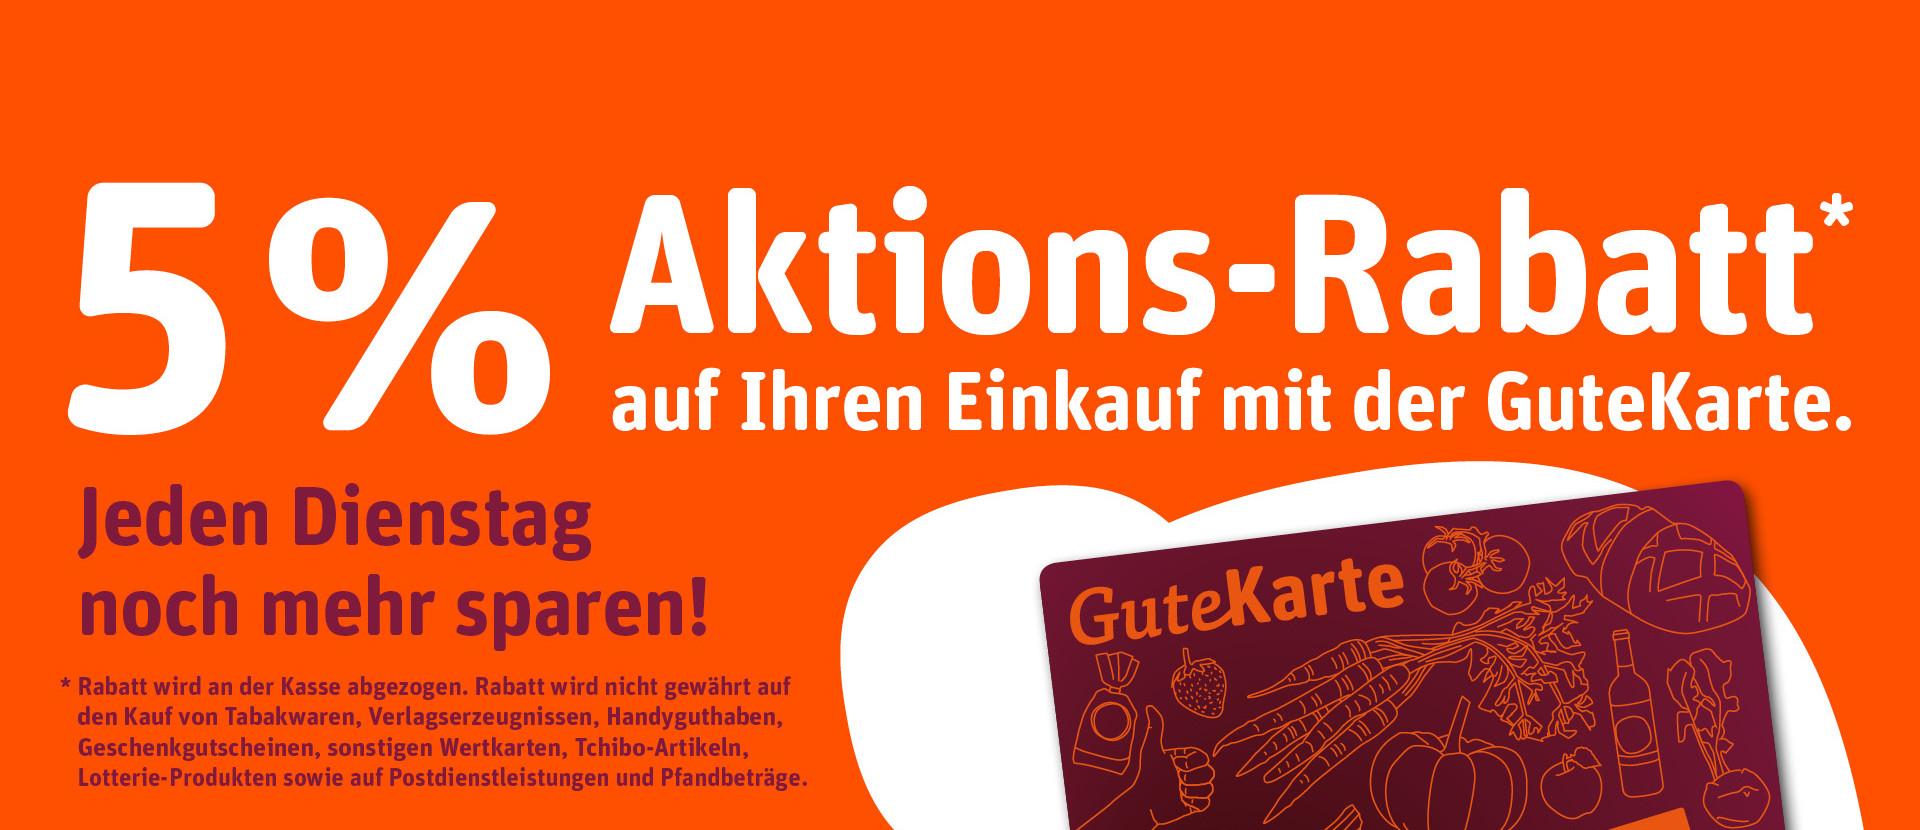 Gute Karte Rabatt-Aktions-Banner